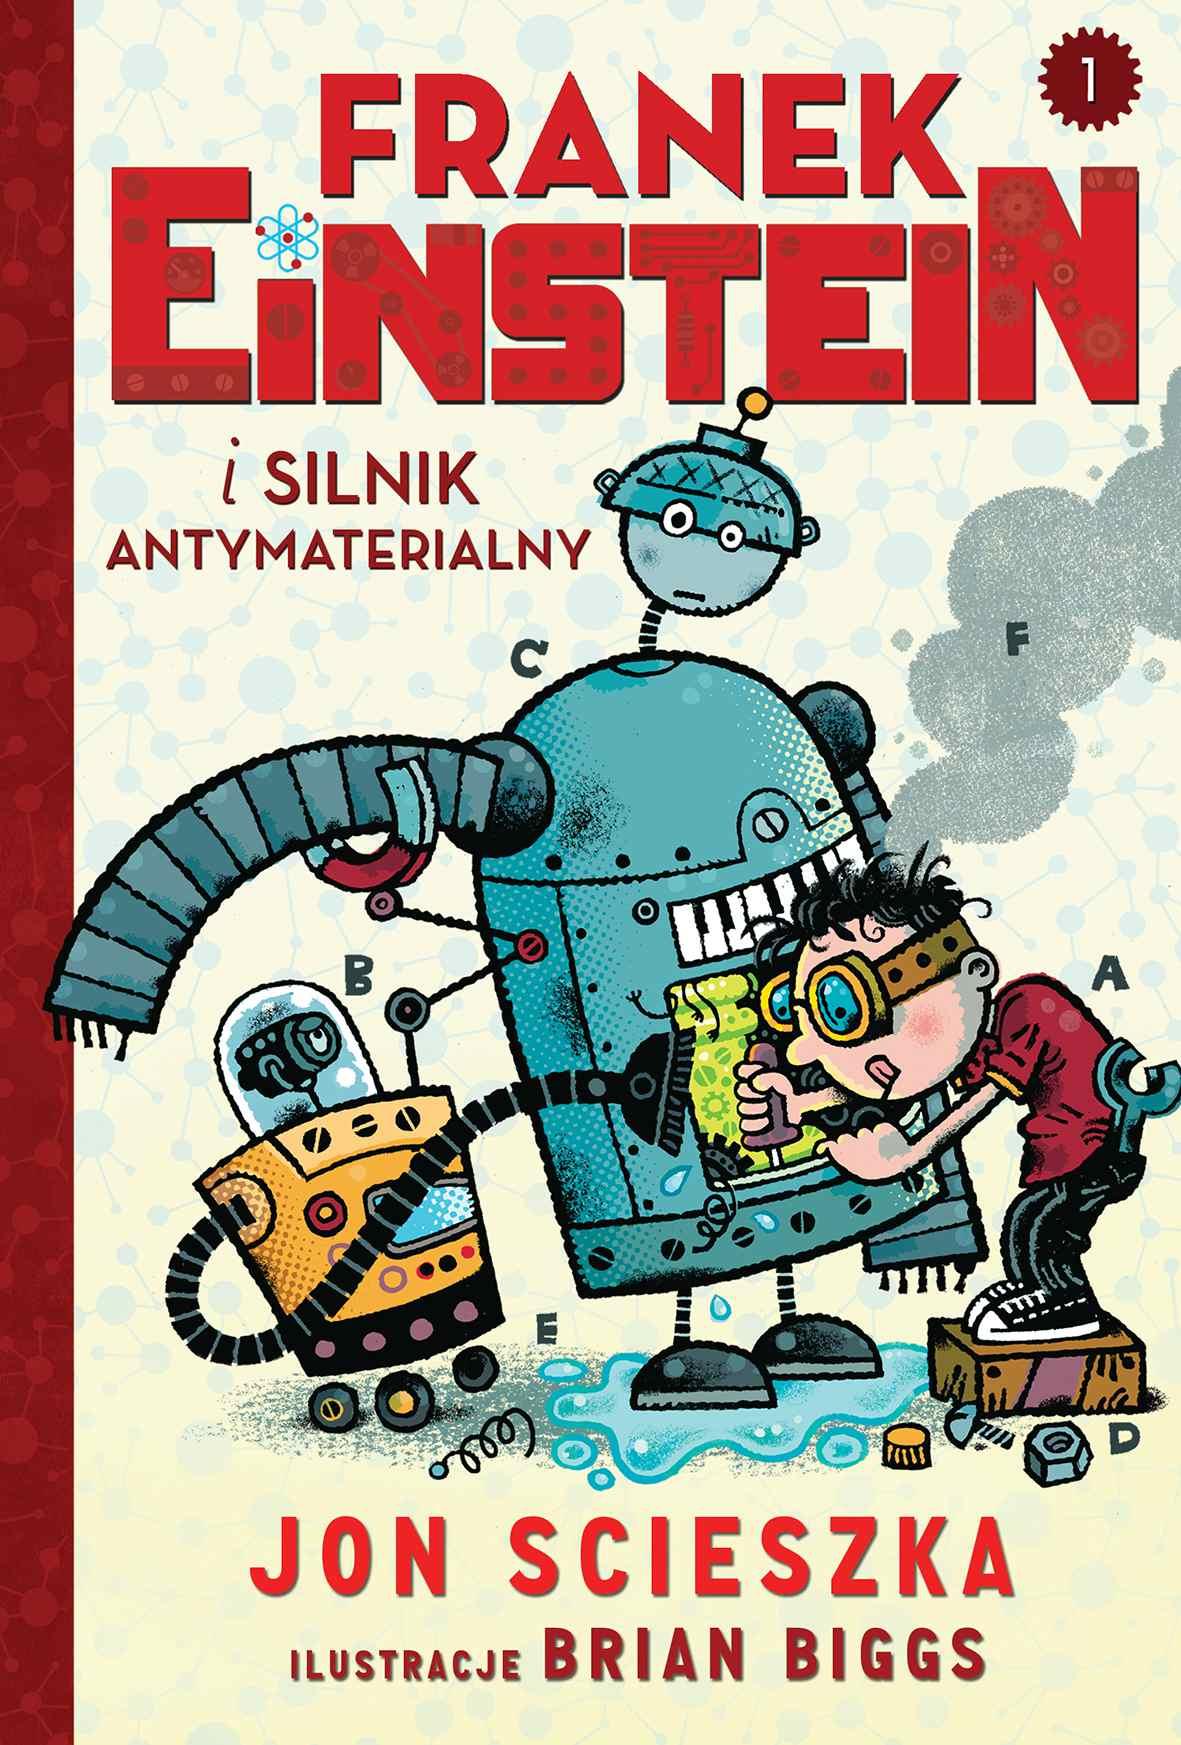 Franek Einstein i silnik antymaterialny - Ebook (Książka EPUB) do pobrania w formacie EPUB